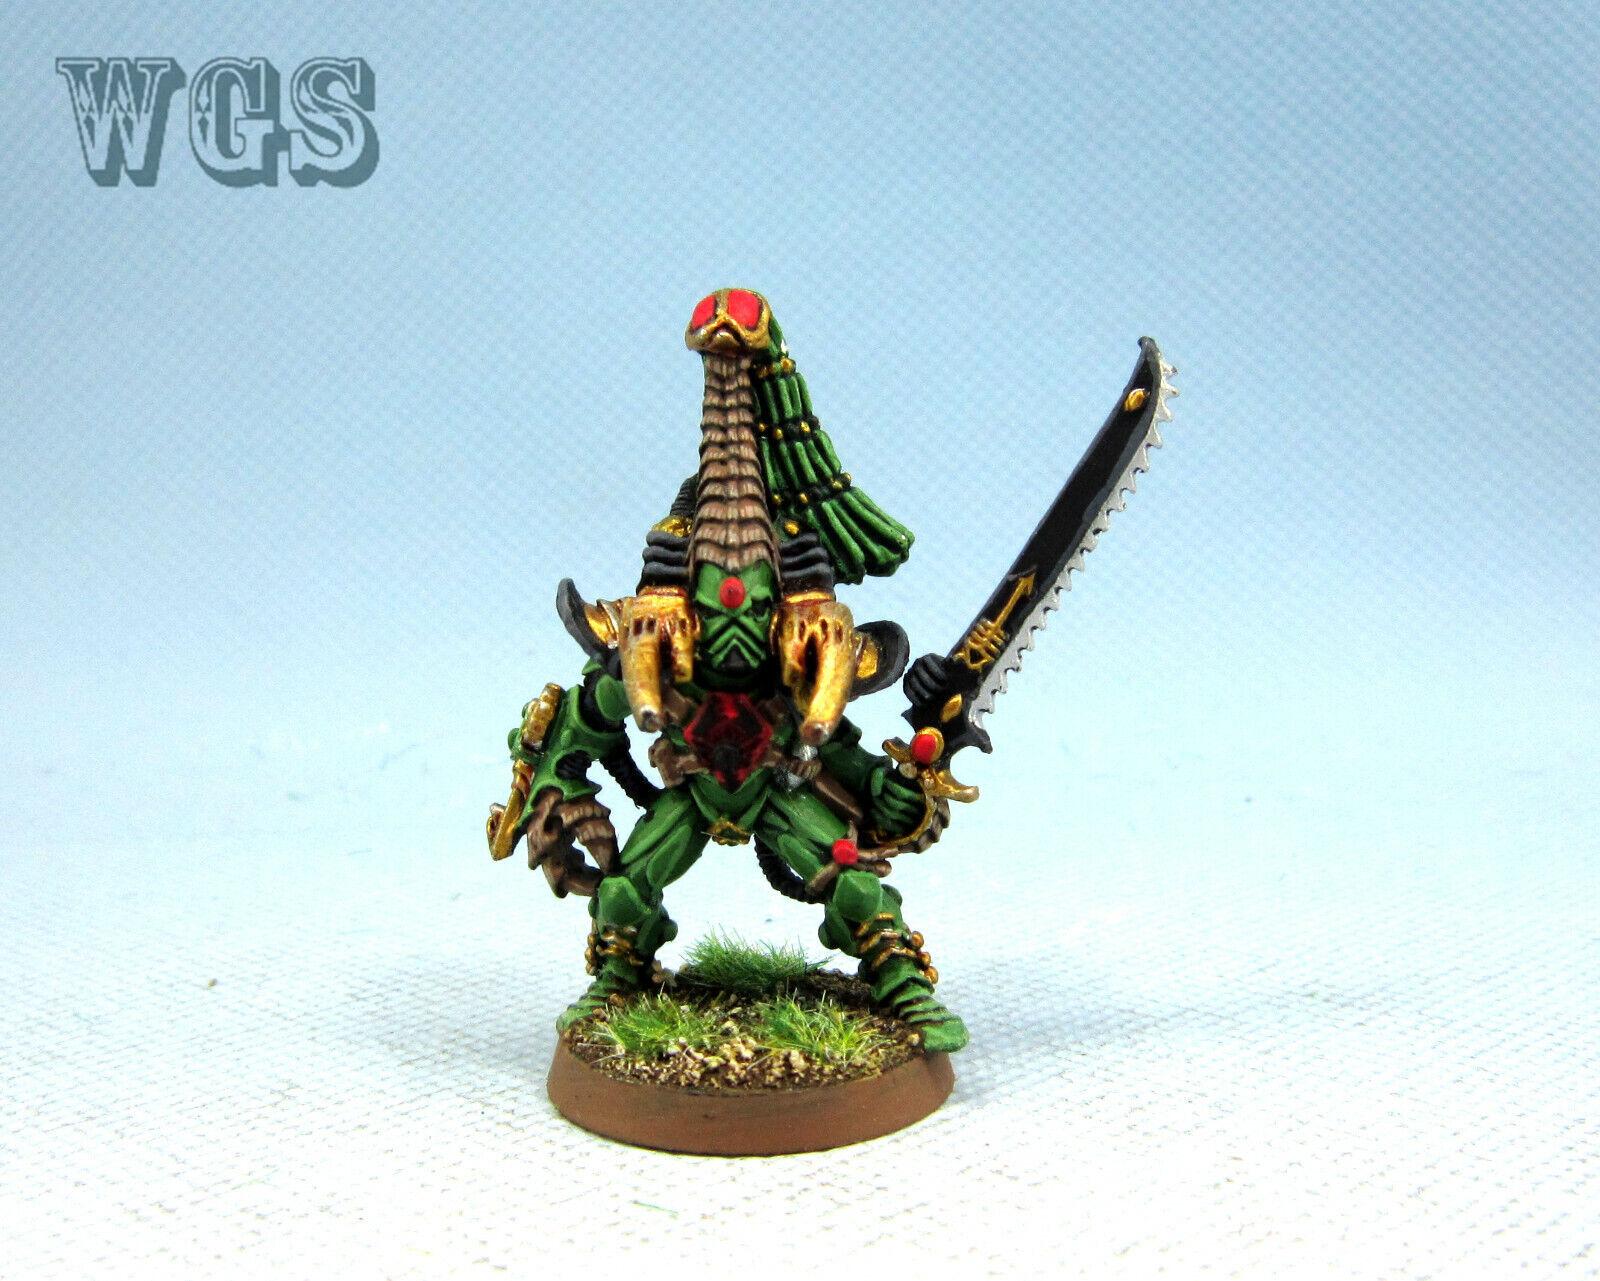 25mm Warhammer 40K WGS  Painted Eldar Phoenix Lord Kareras EL044  online economico